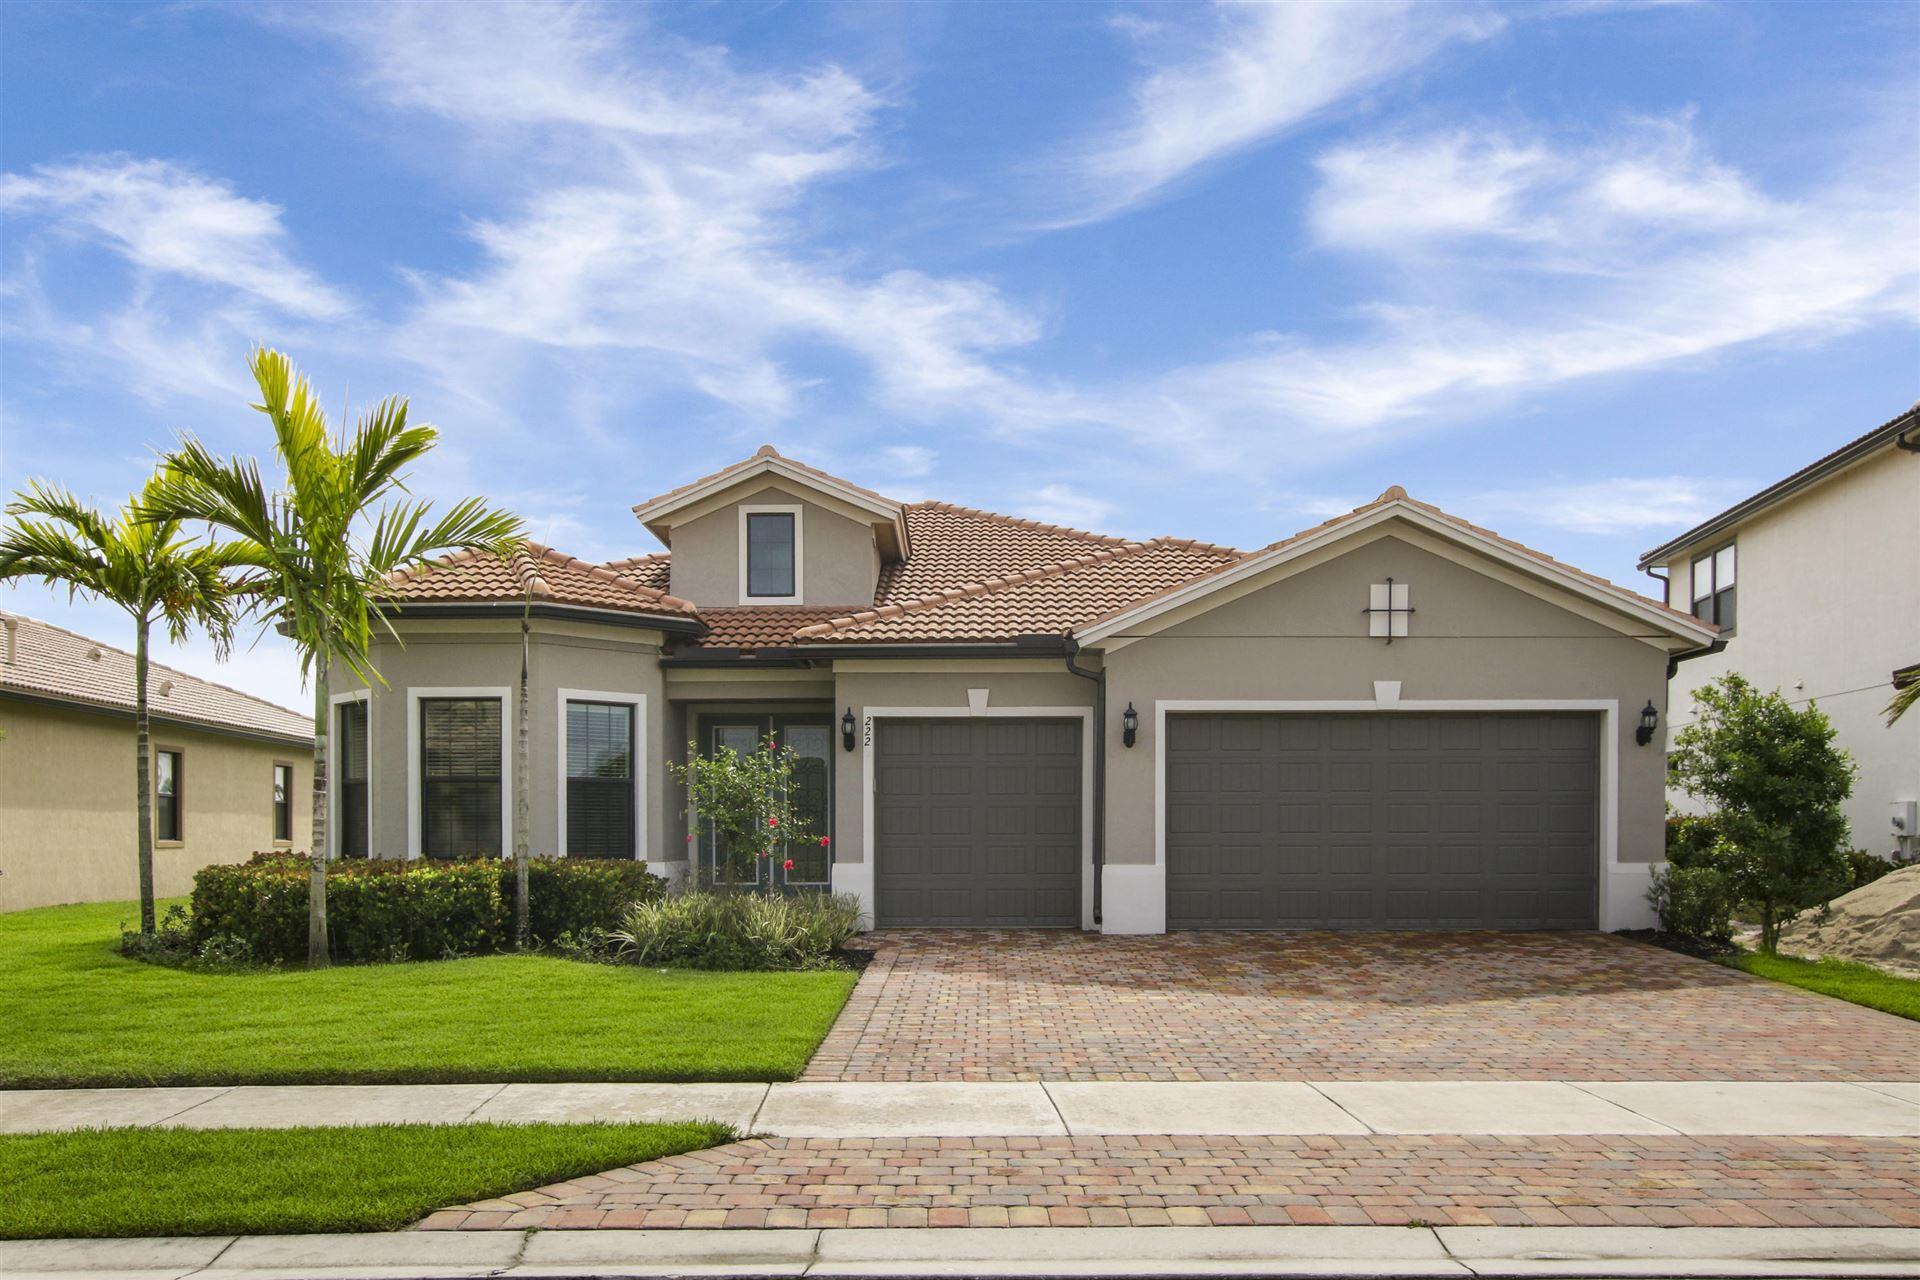 222 Blanca Isles Lane, Jupiter, FL 33478 - #: RX-10625509